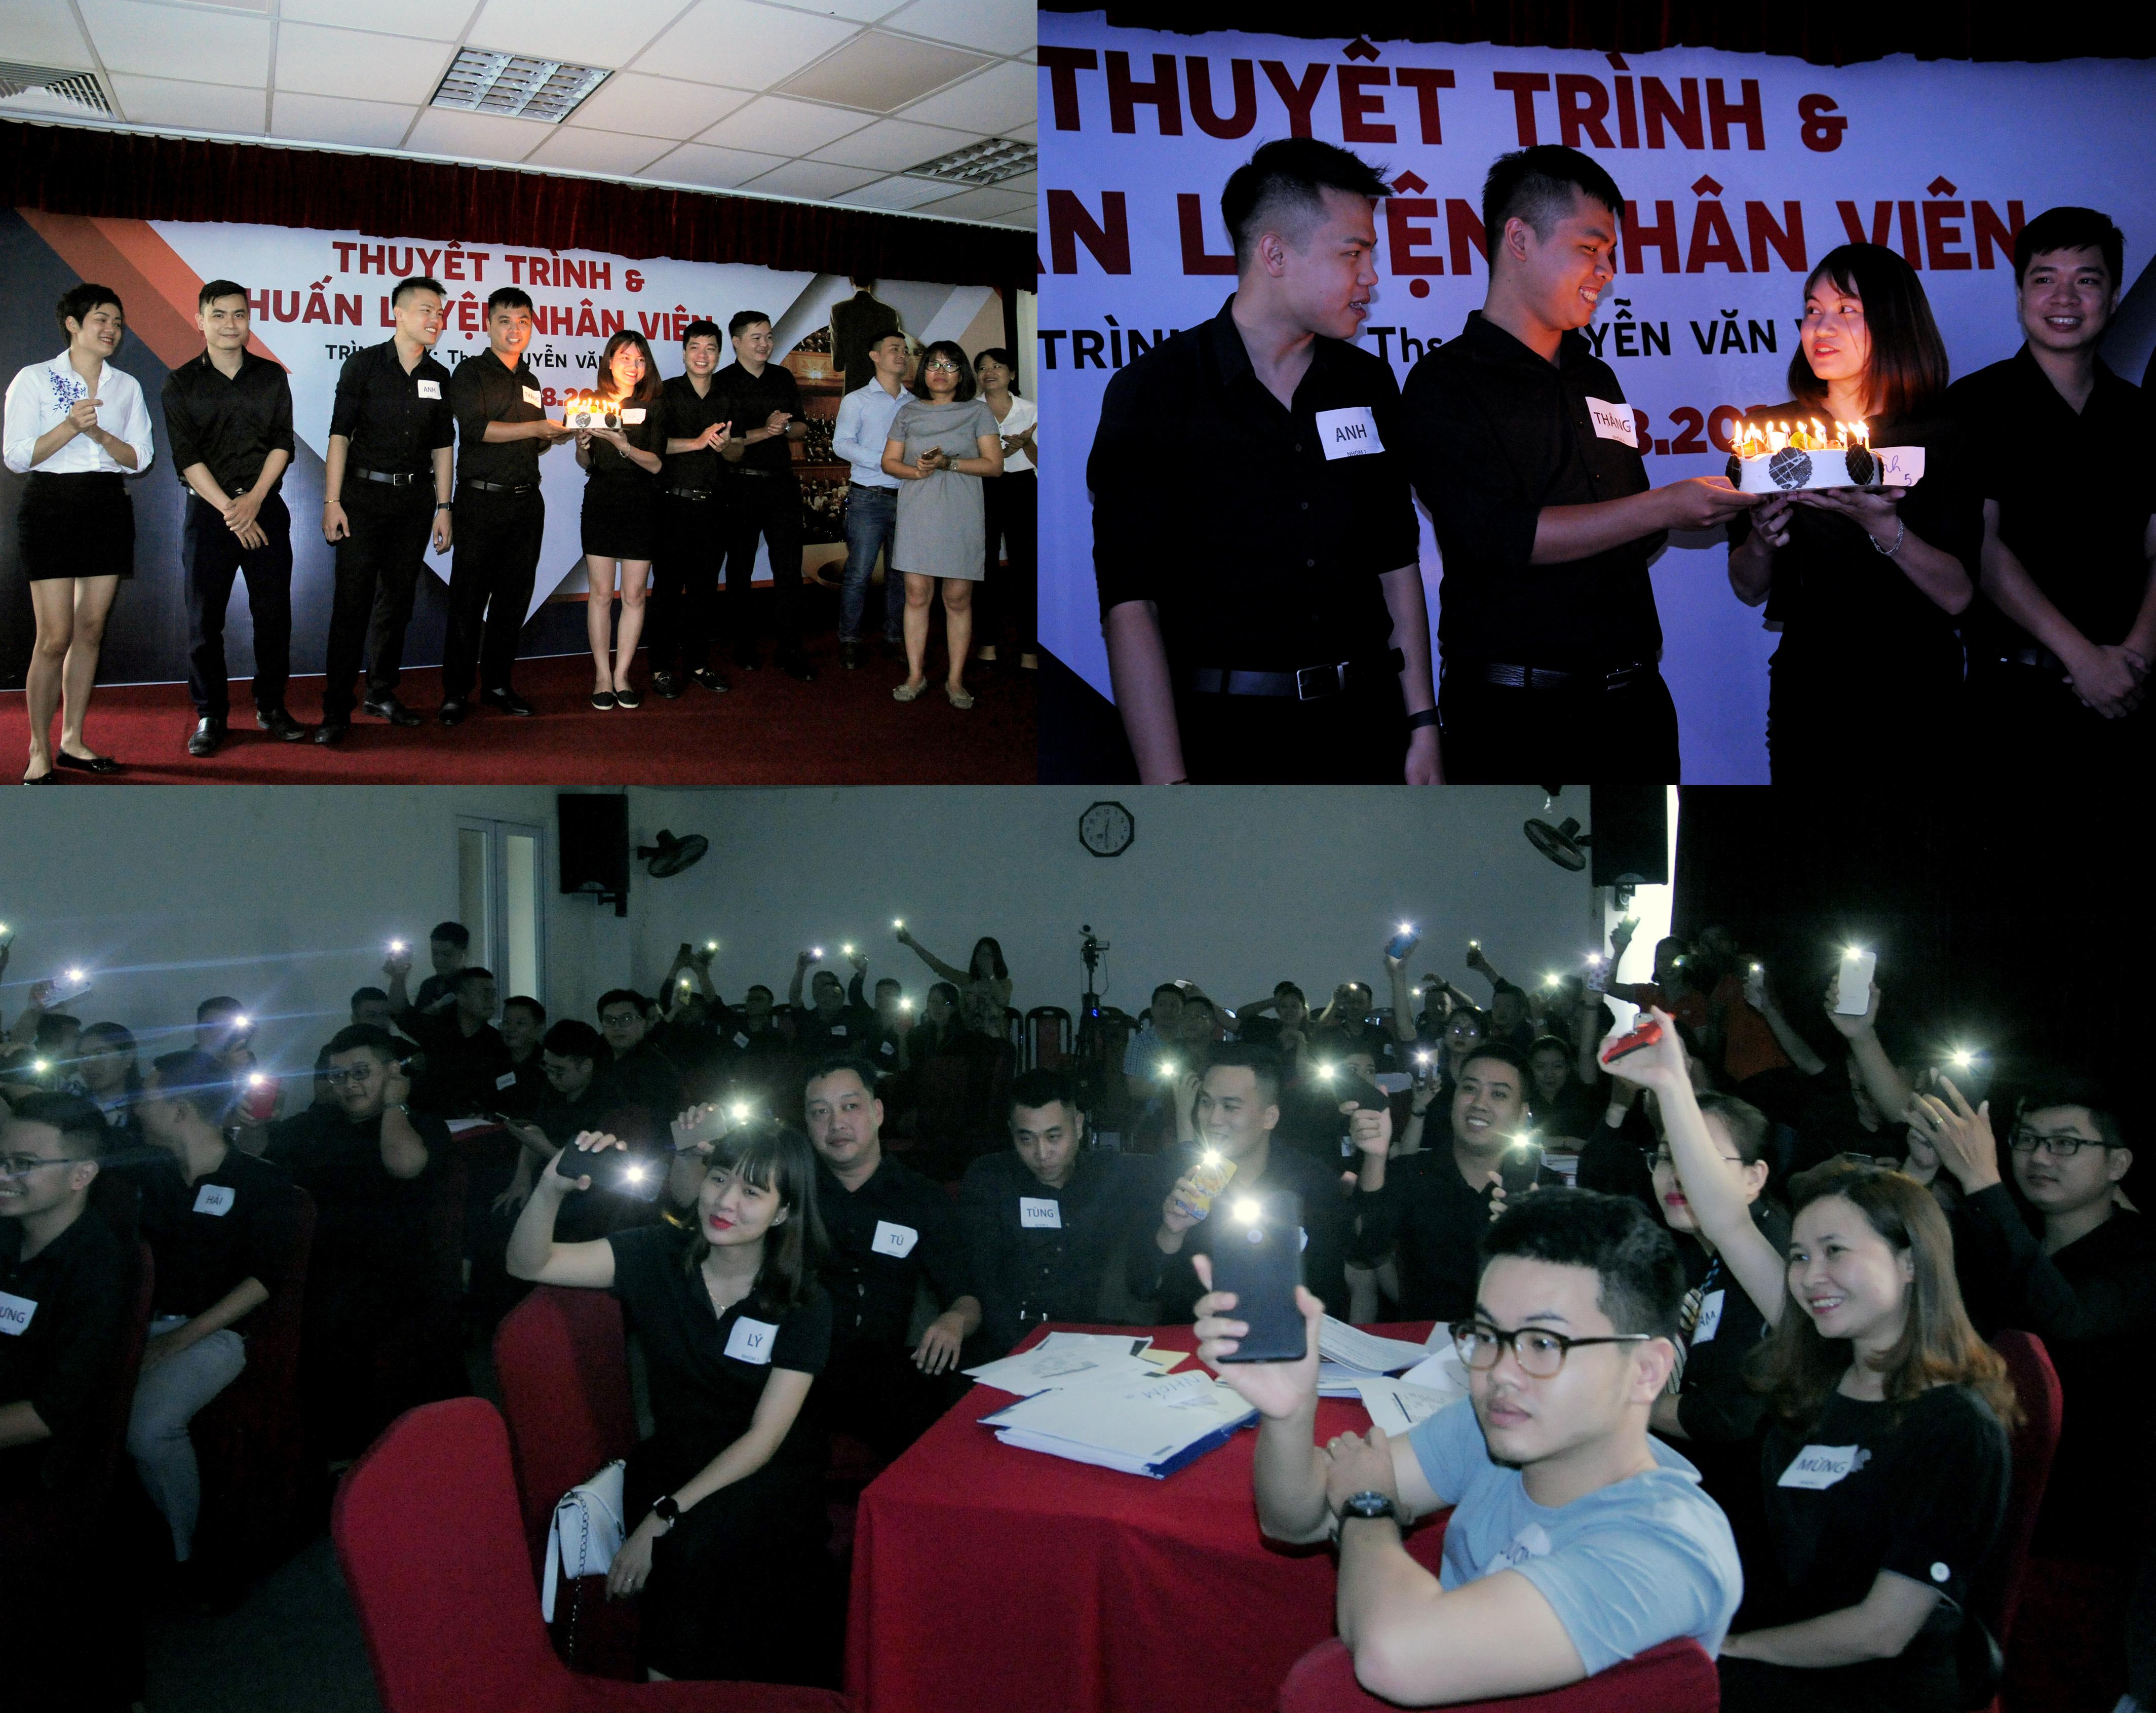 Cuối chương trình là phần chúc mừng sinh nhật dành cho các quản lý và ASM có ngày sinh trong tháng 8. Tham dự sự kiện có chị Phan Tường Linh, GĐ FPT Retail tại Hà Nội, cùng các lãnh đạo đơn vị.